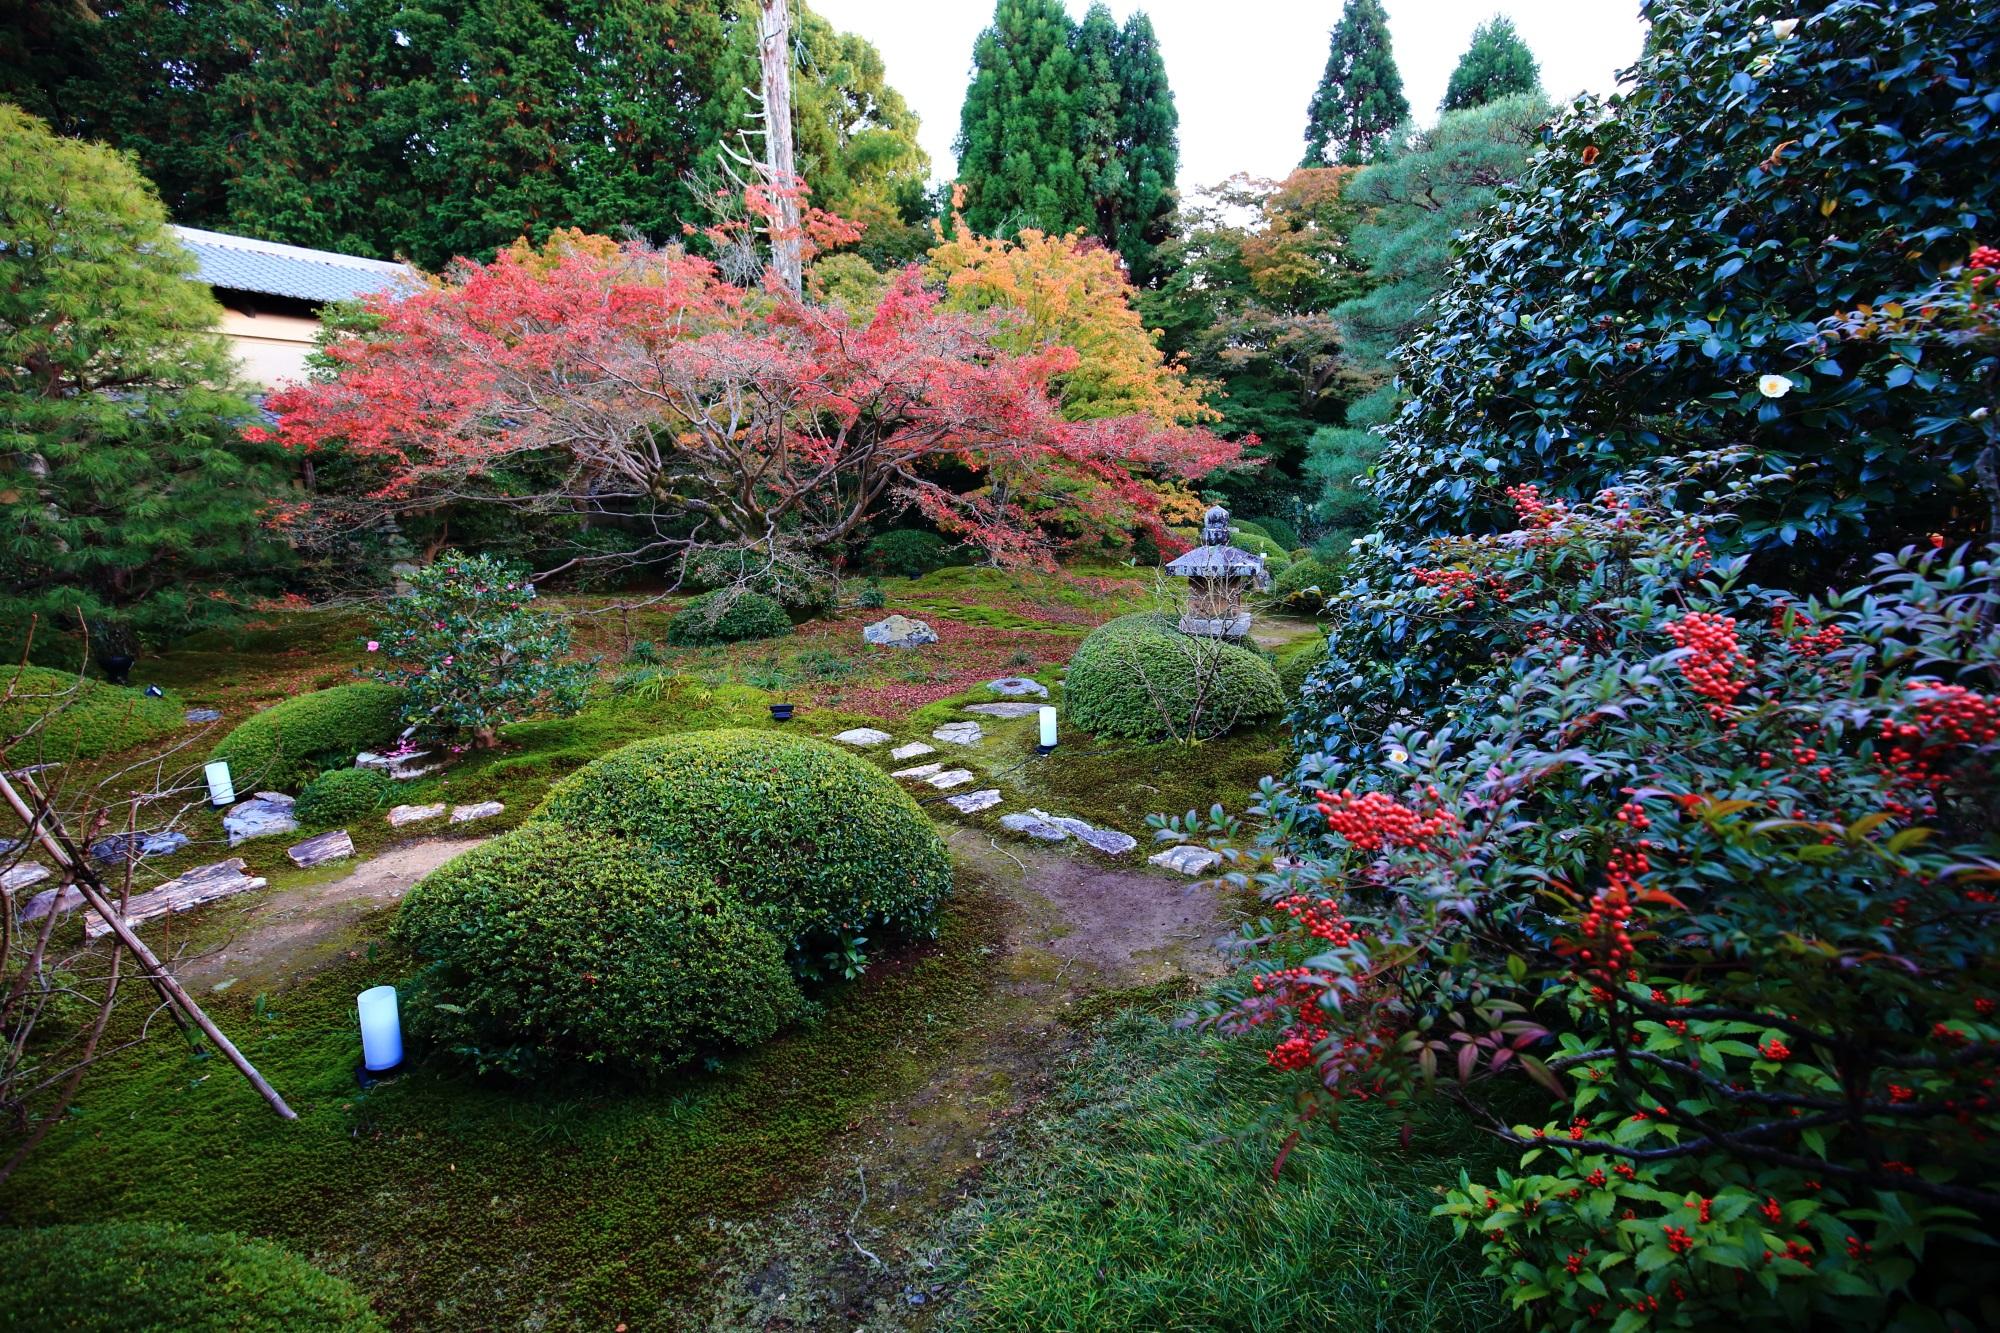 泉涌寺別院の雲龍院の庭園と紅葉 2015年11月